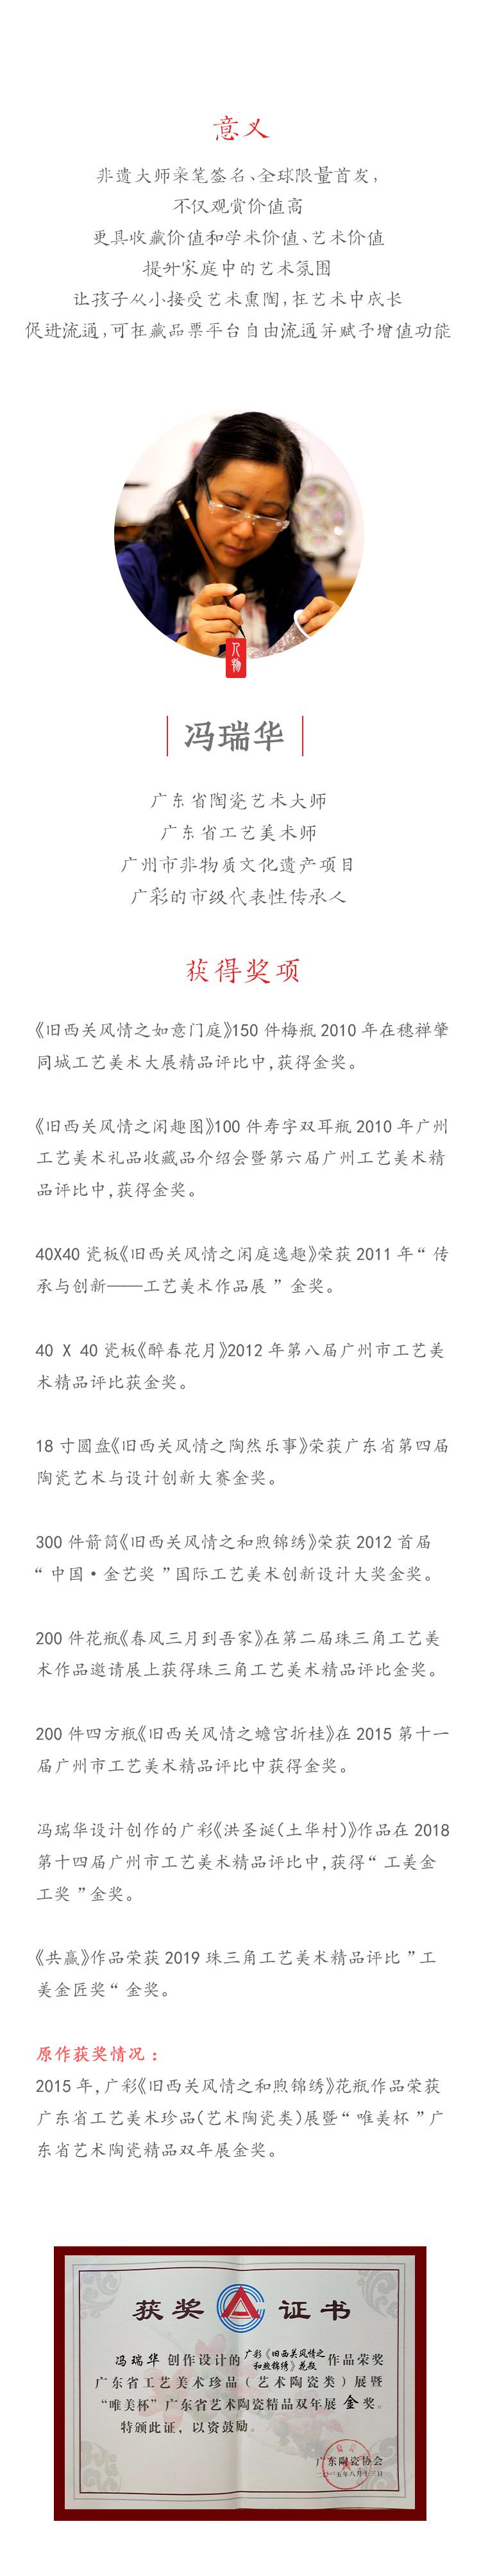 旧西关风情之和煦锦绣_08.jpg